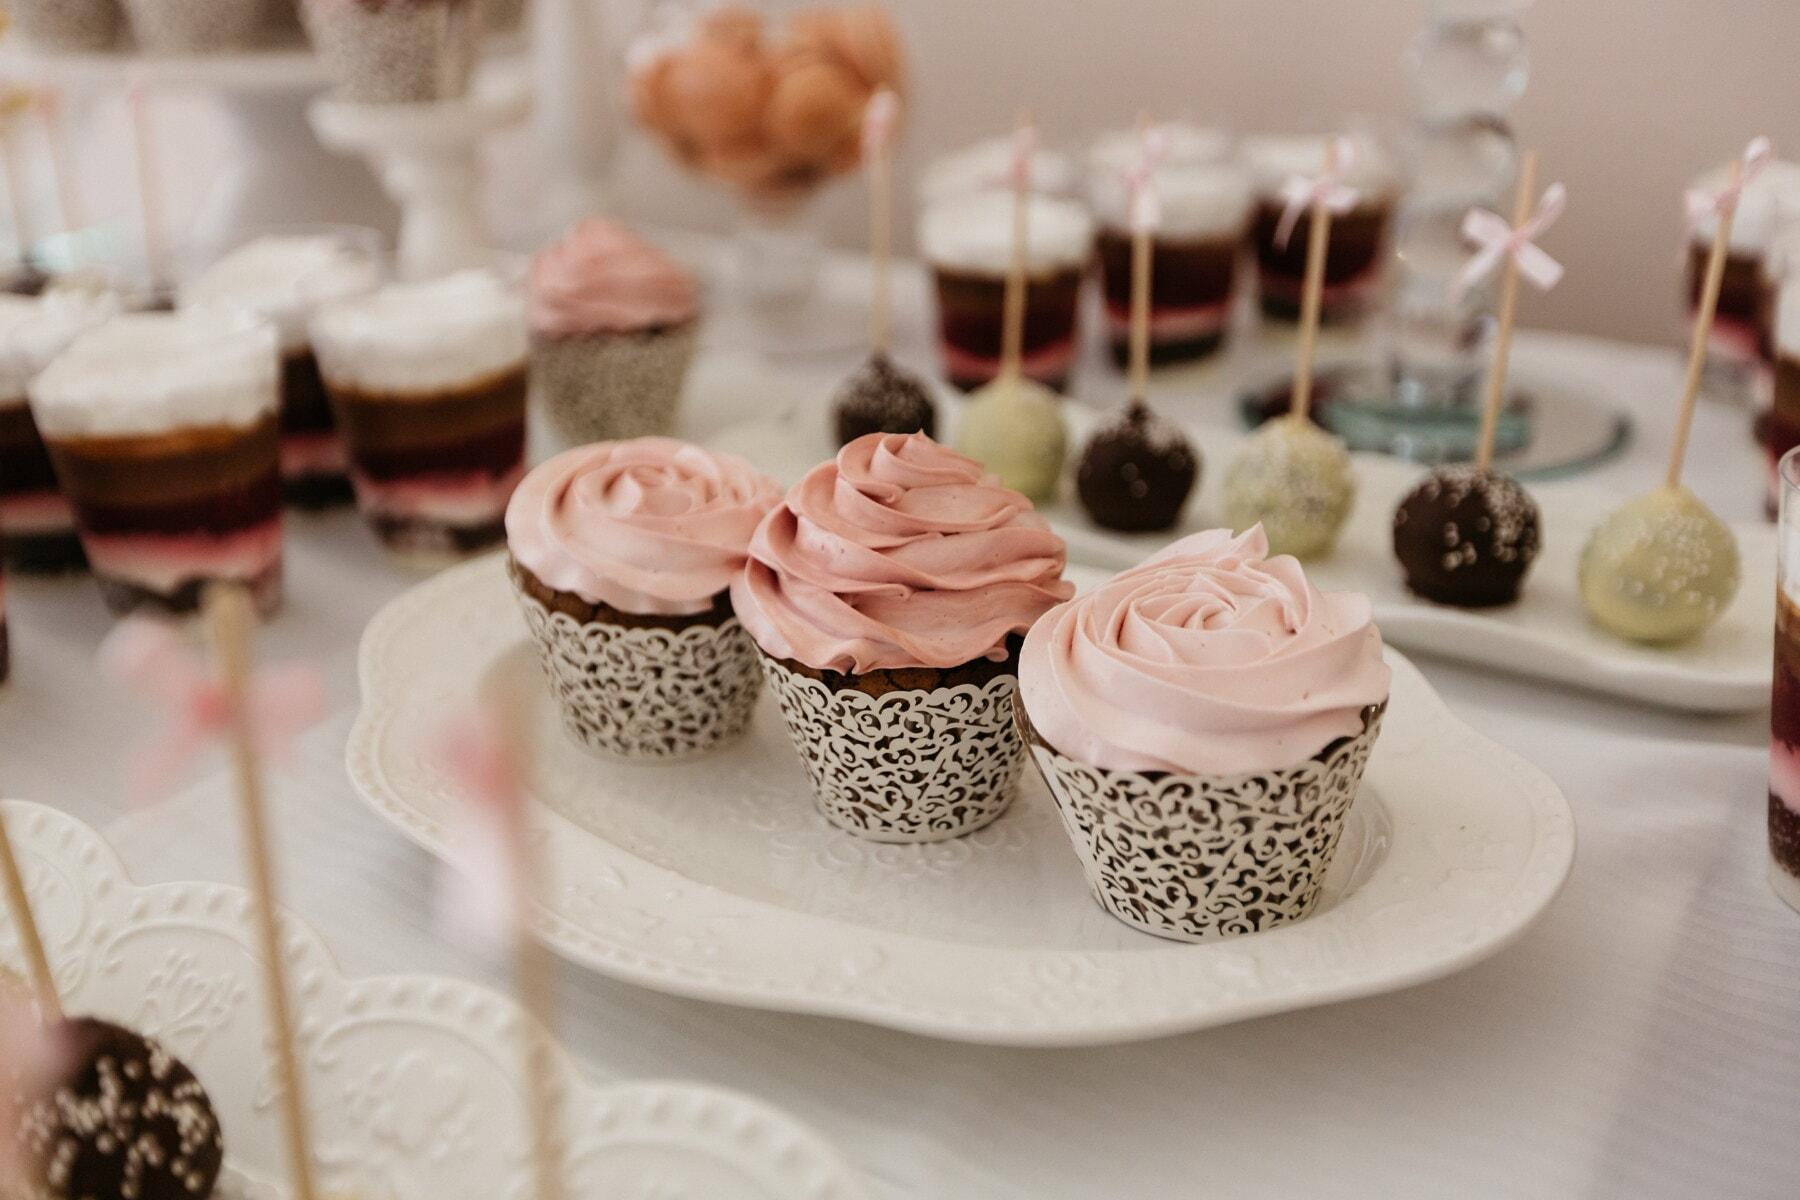 petit gateau, fraise, vanille, crème, pâtisserie, produits de boulangerie, la sucette, alimentaire, dessert, repas